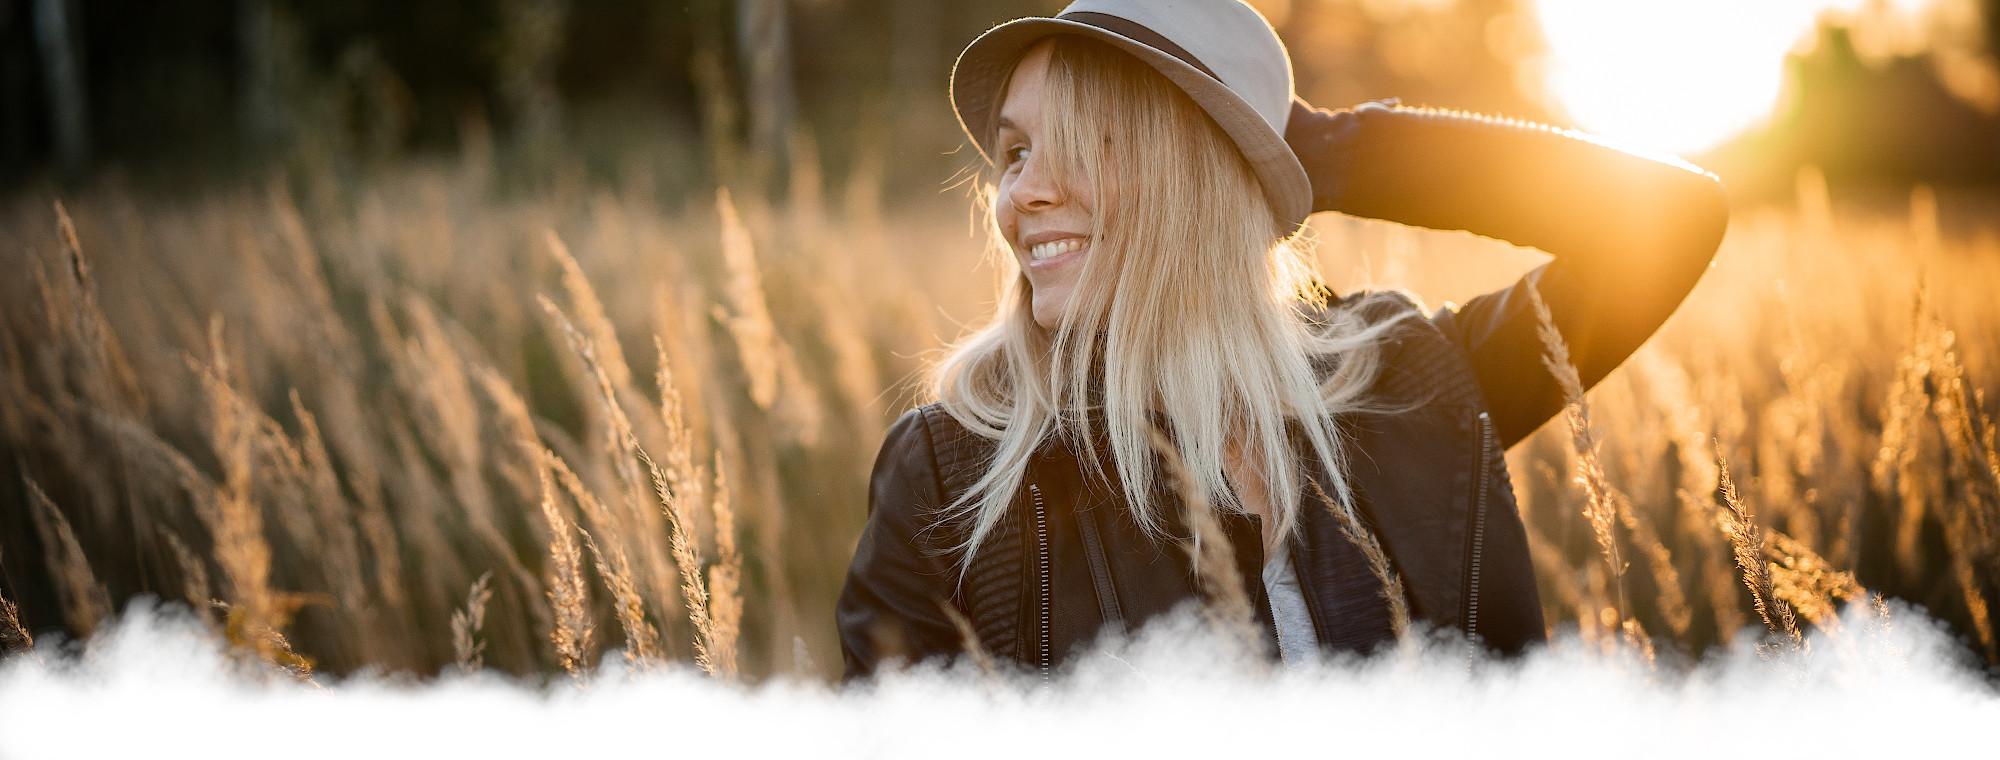 Frau mit Hut im Kornfeld